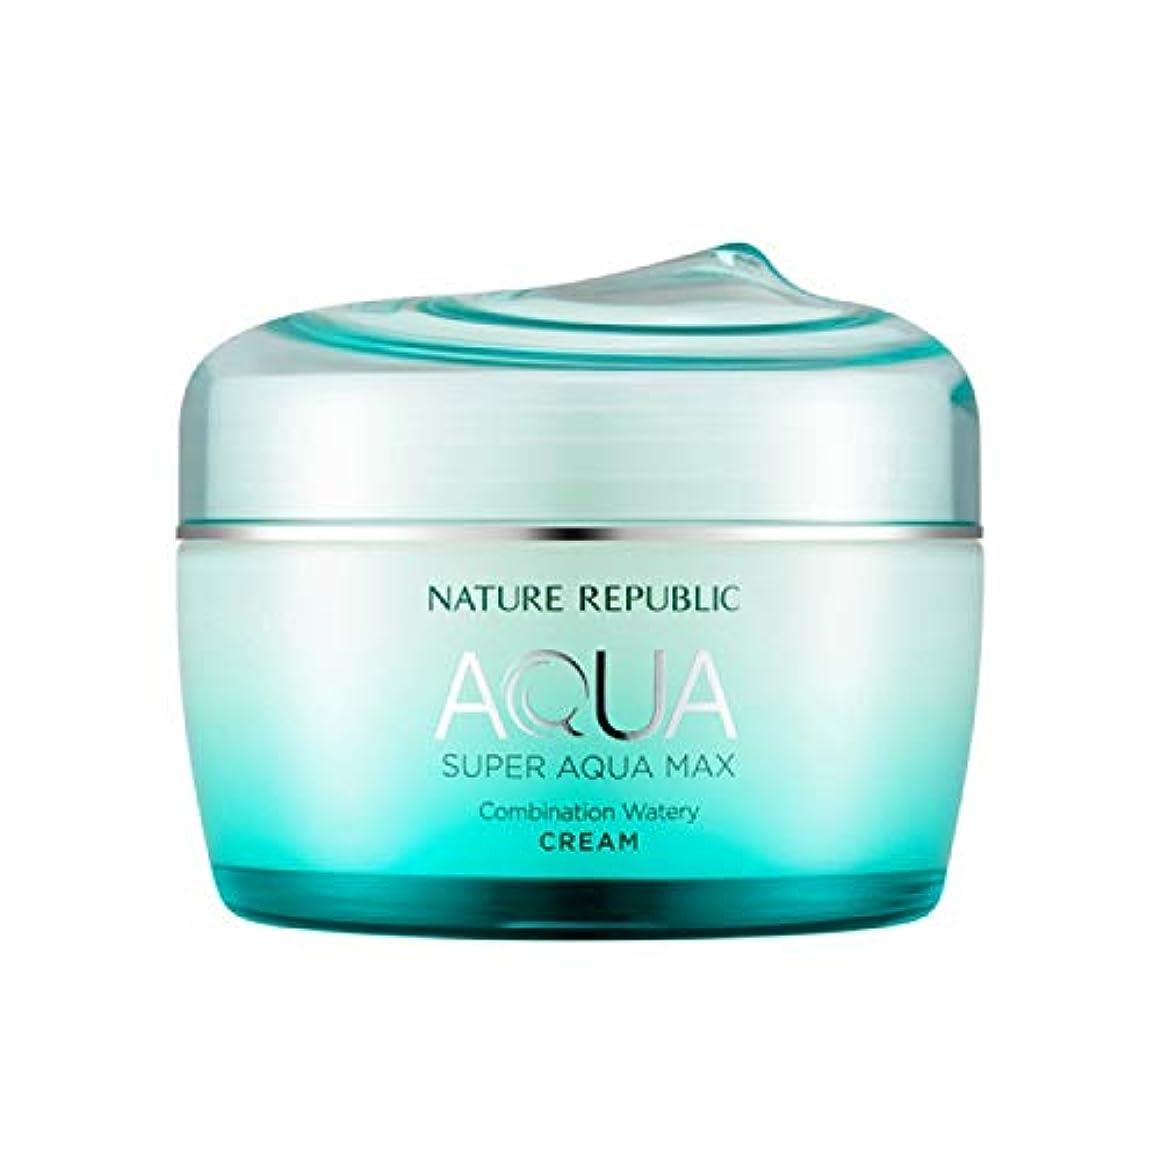 初期成長隣接するネイチャーリパブリック(Nature Republic)スーパーアクアマックスコンビネーション水分クリーム [複合肌用] 80ml / Super Aqua-Max Combination Moisture Cream...